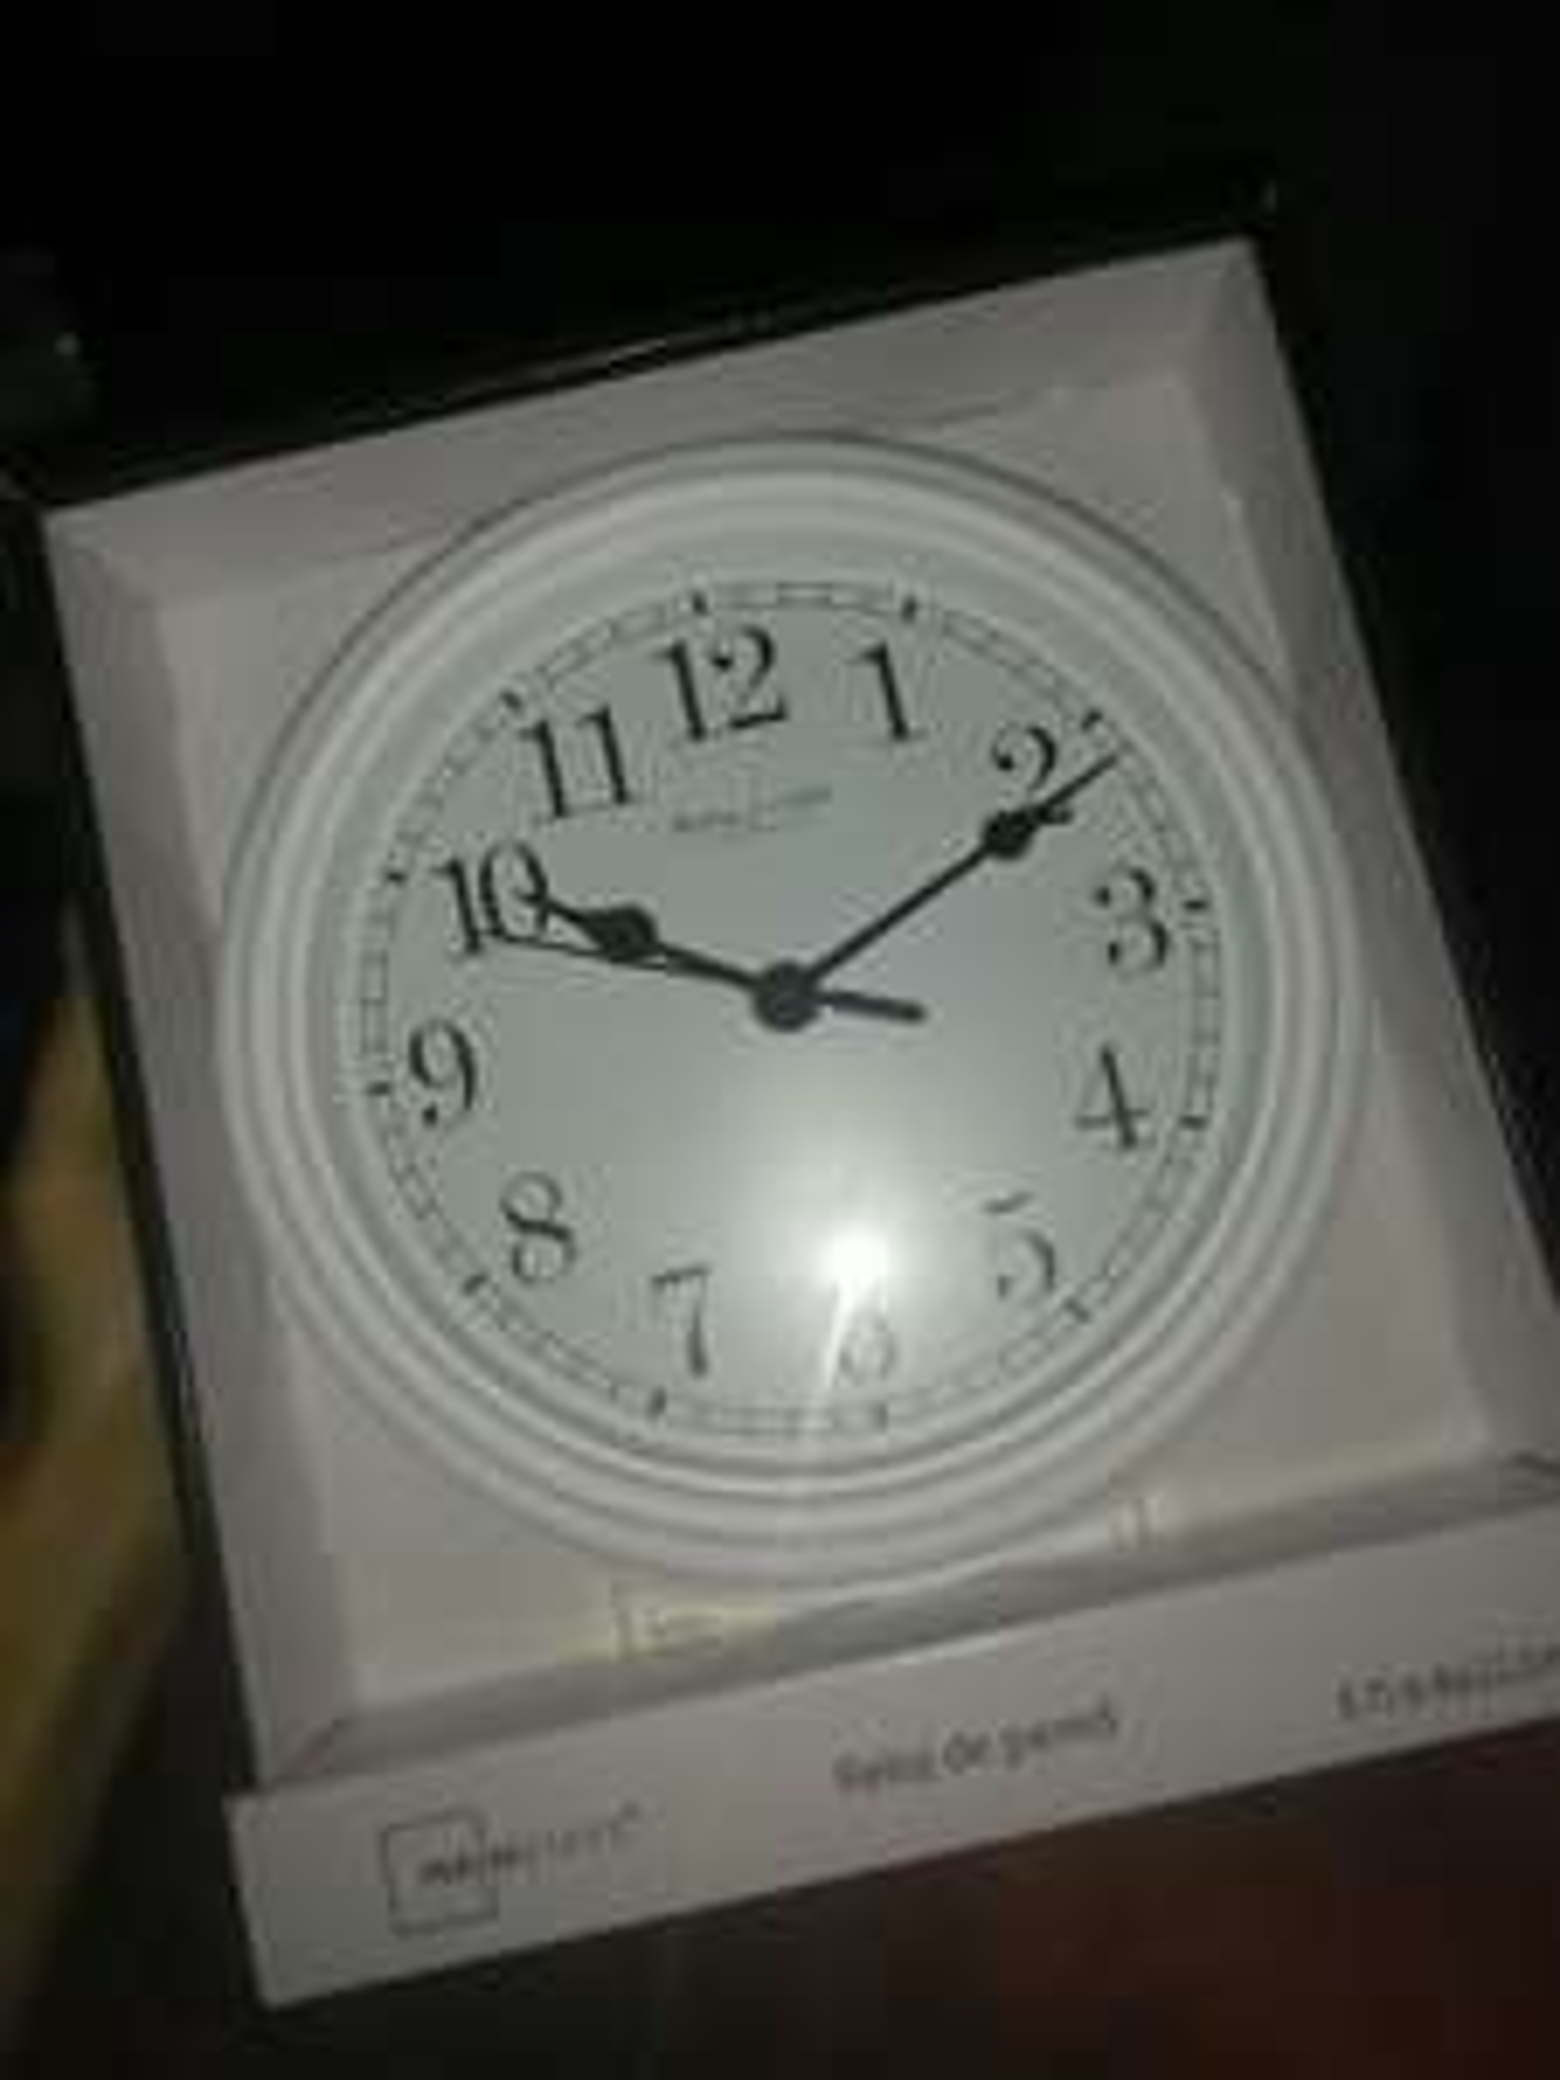 Bodega Aurrerá: Reloj de pared blanco $12.01